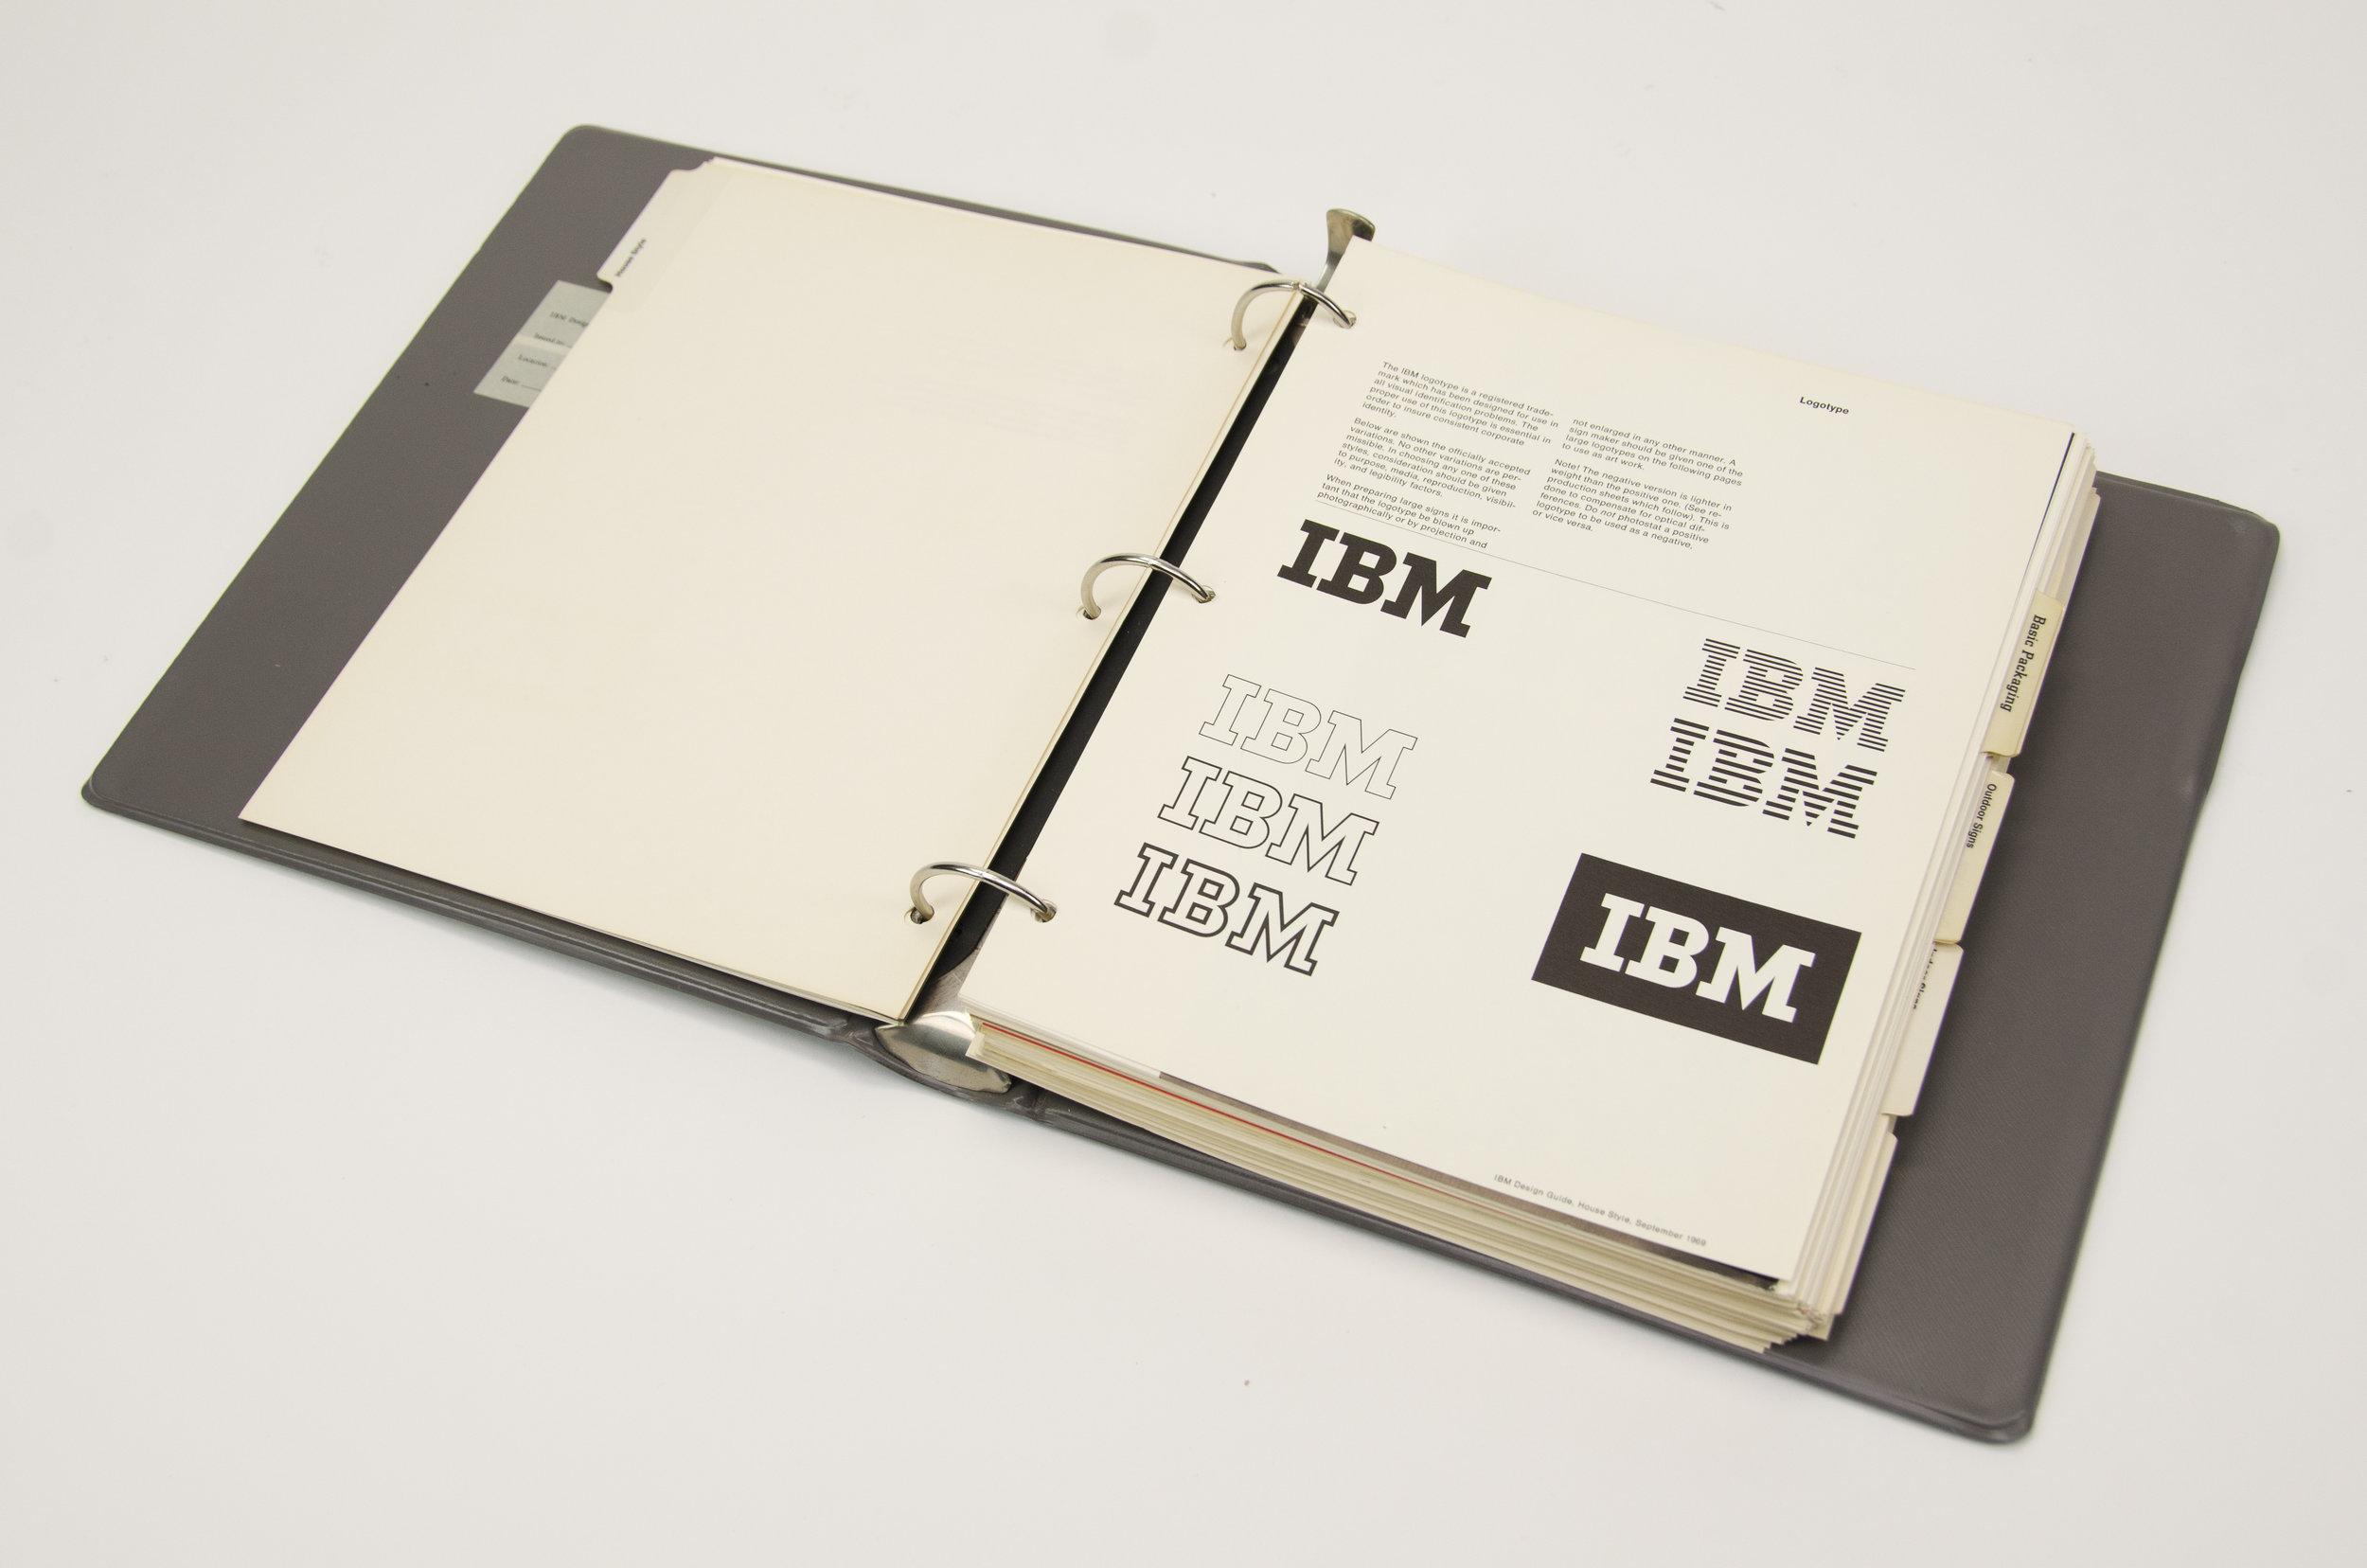 IBM_Design_Guide_1961_005.JPG